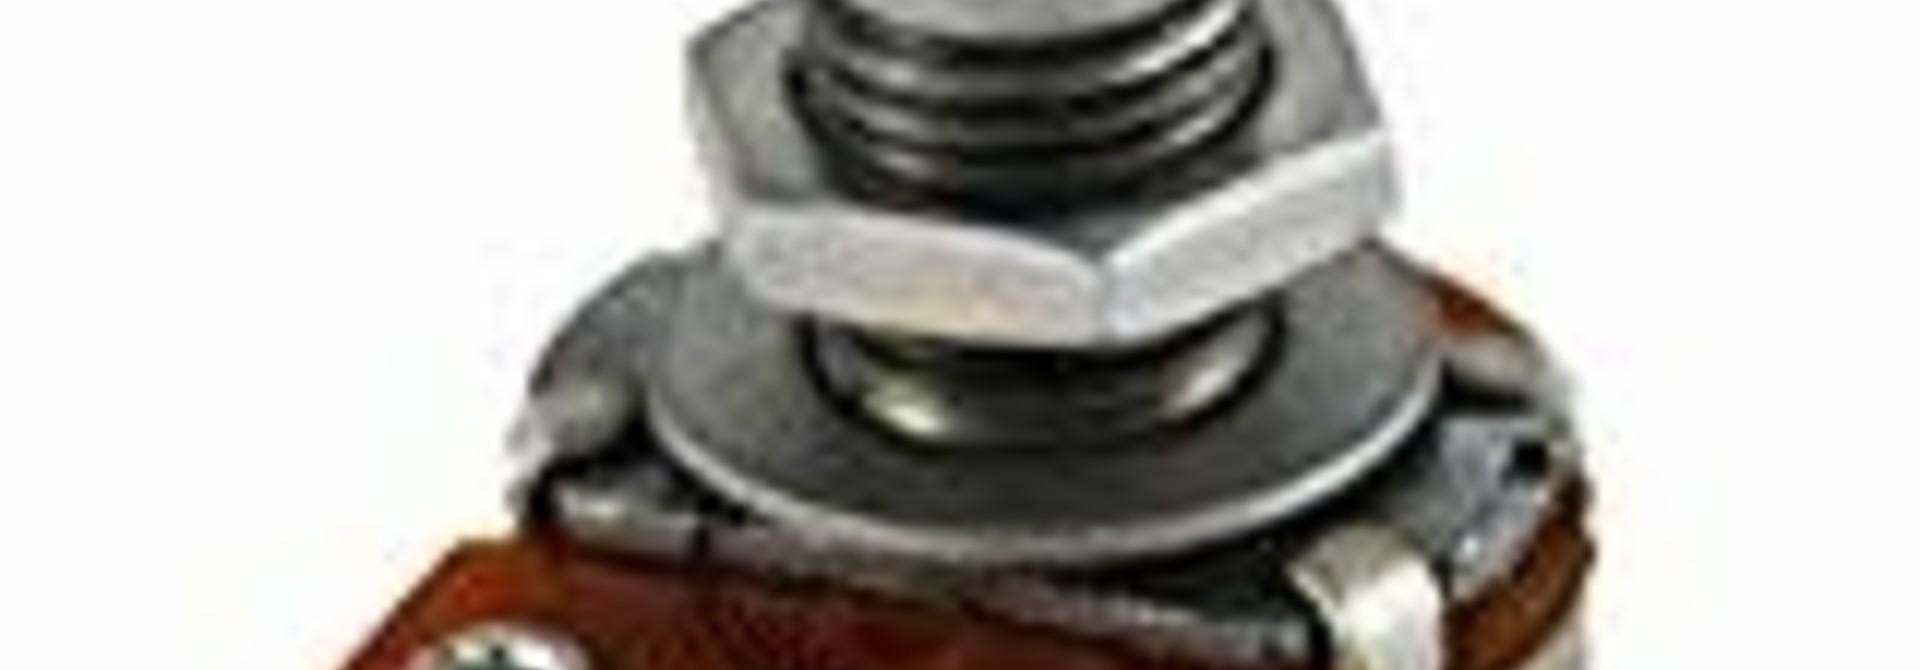 Allparts 50K Roller Pots